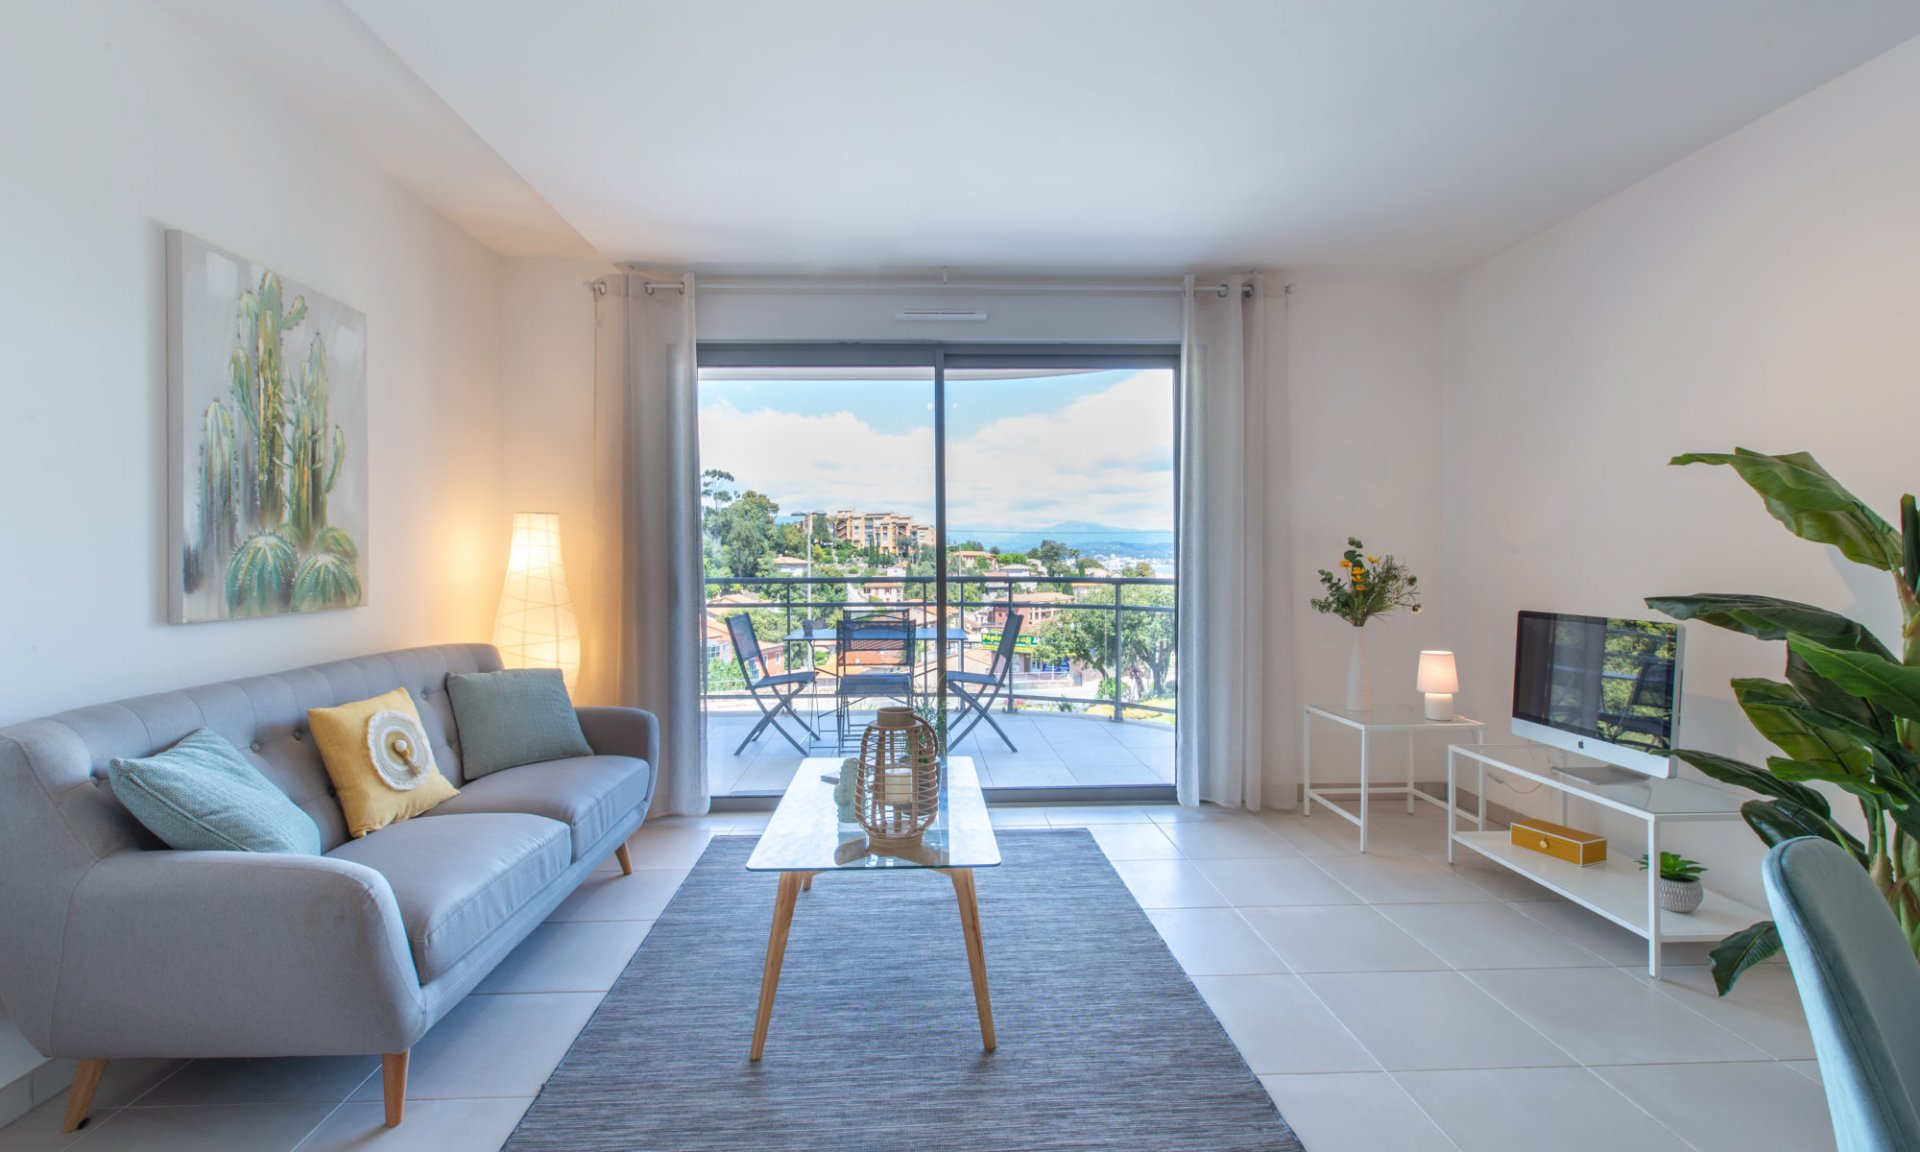 Theoule s/m 3 pièces de 64 m² terrasse , vue mer, parking